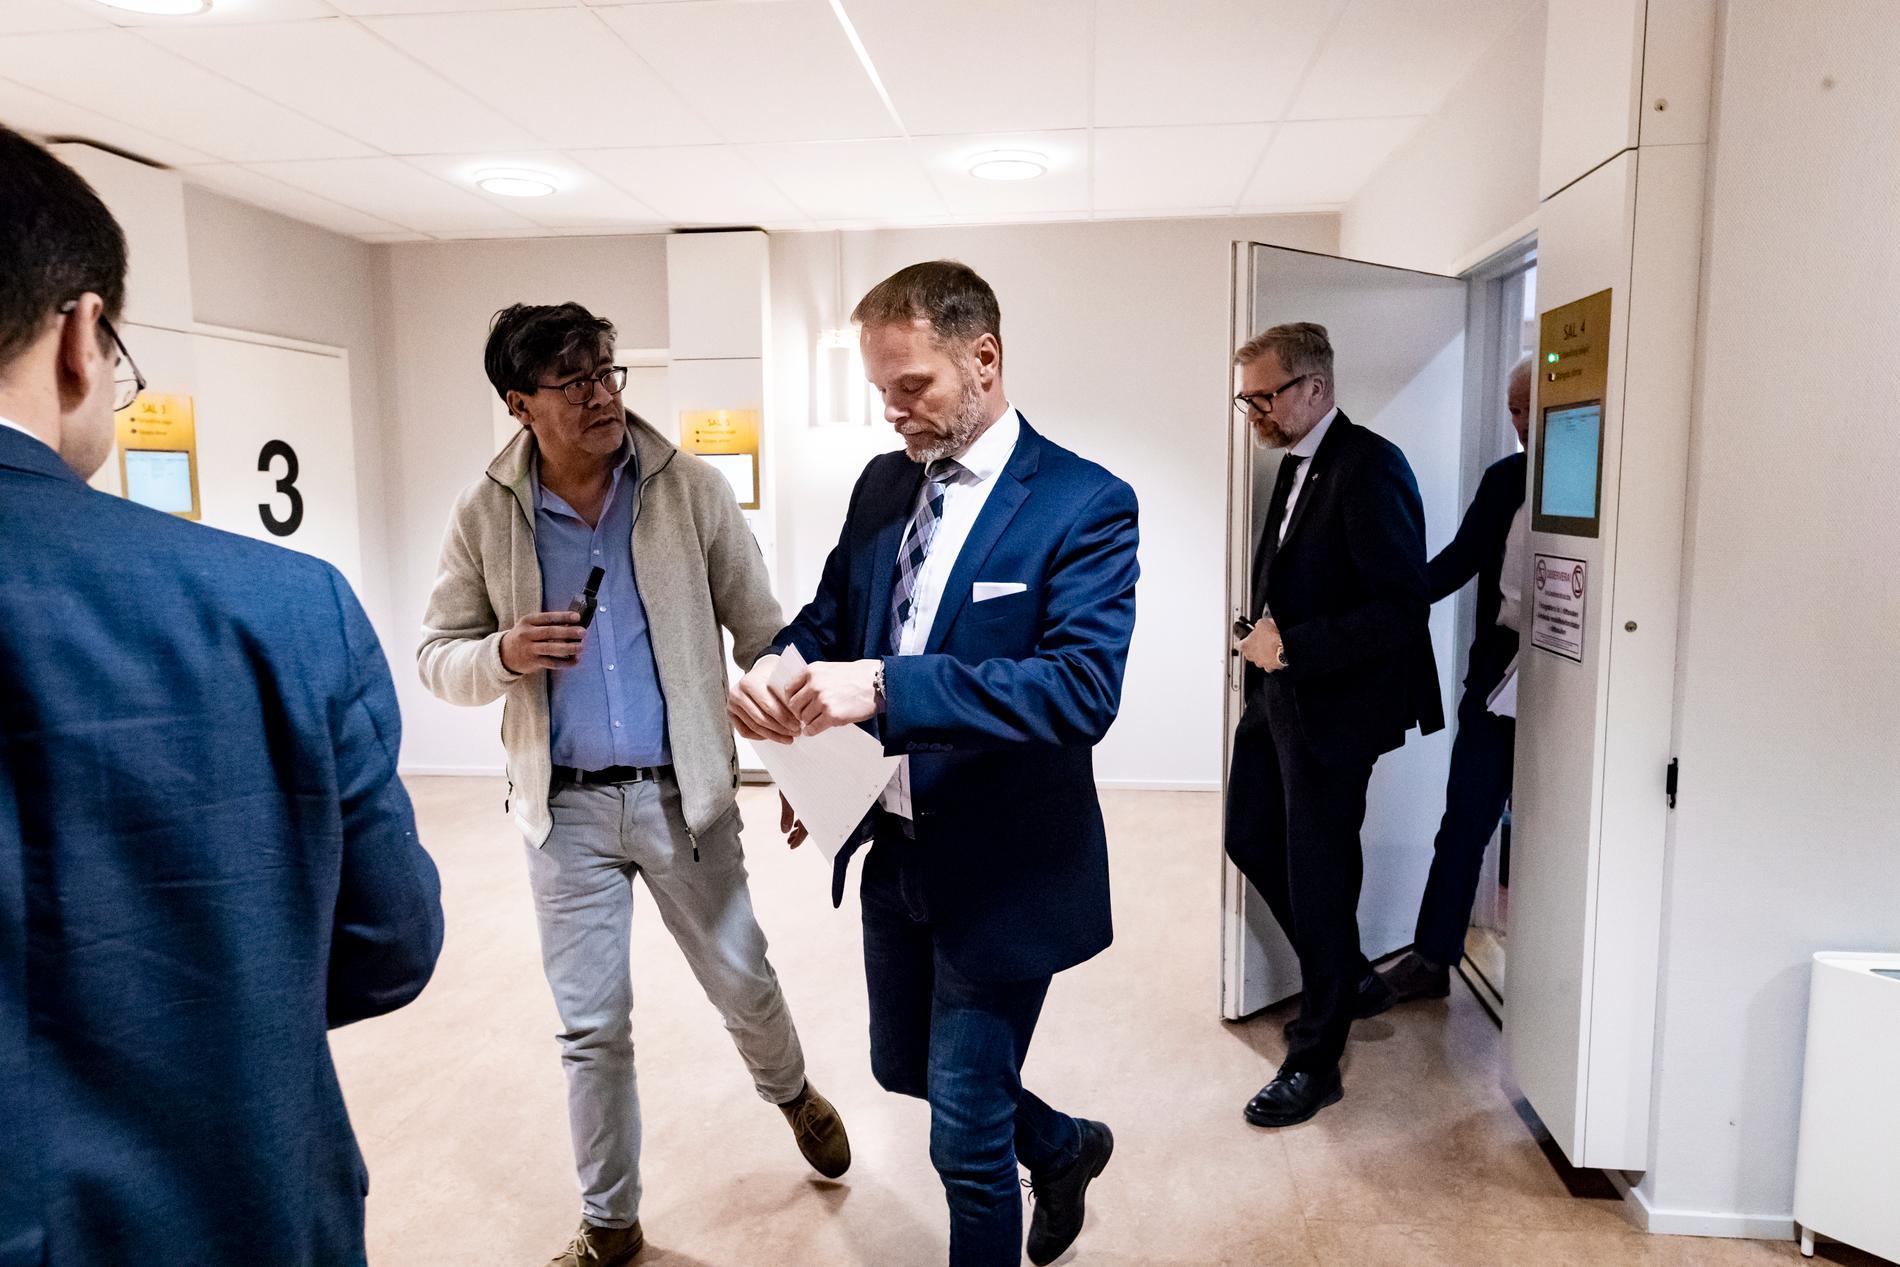 Stefan Jakobsson i Eskilstuna tingsrätt då rättegången inleddes.